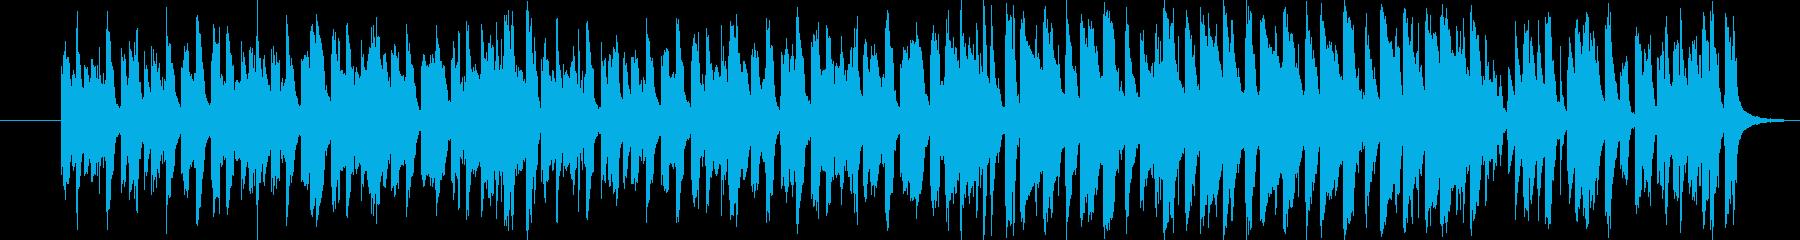 明るく楽しいコミカルな雰囲気のBGMの再生済みの波形